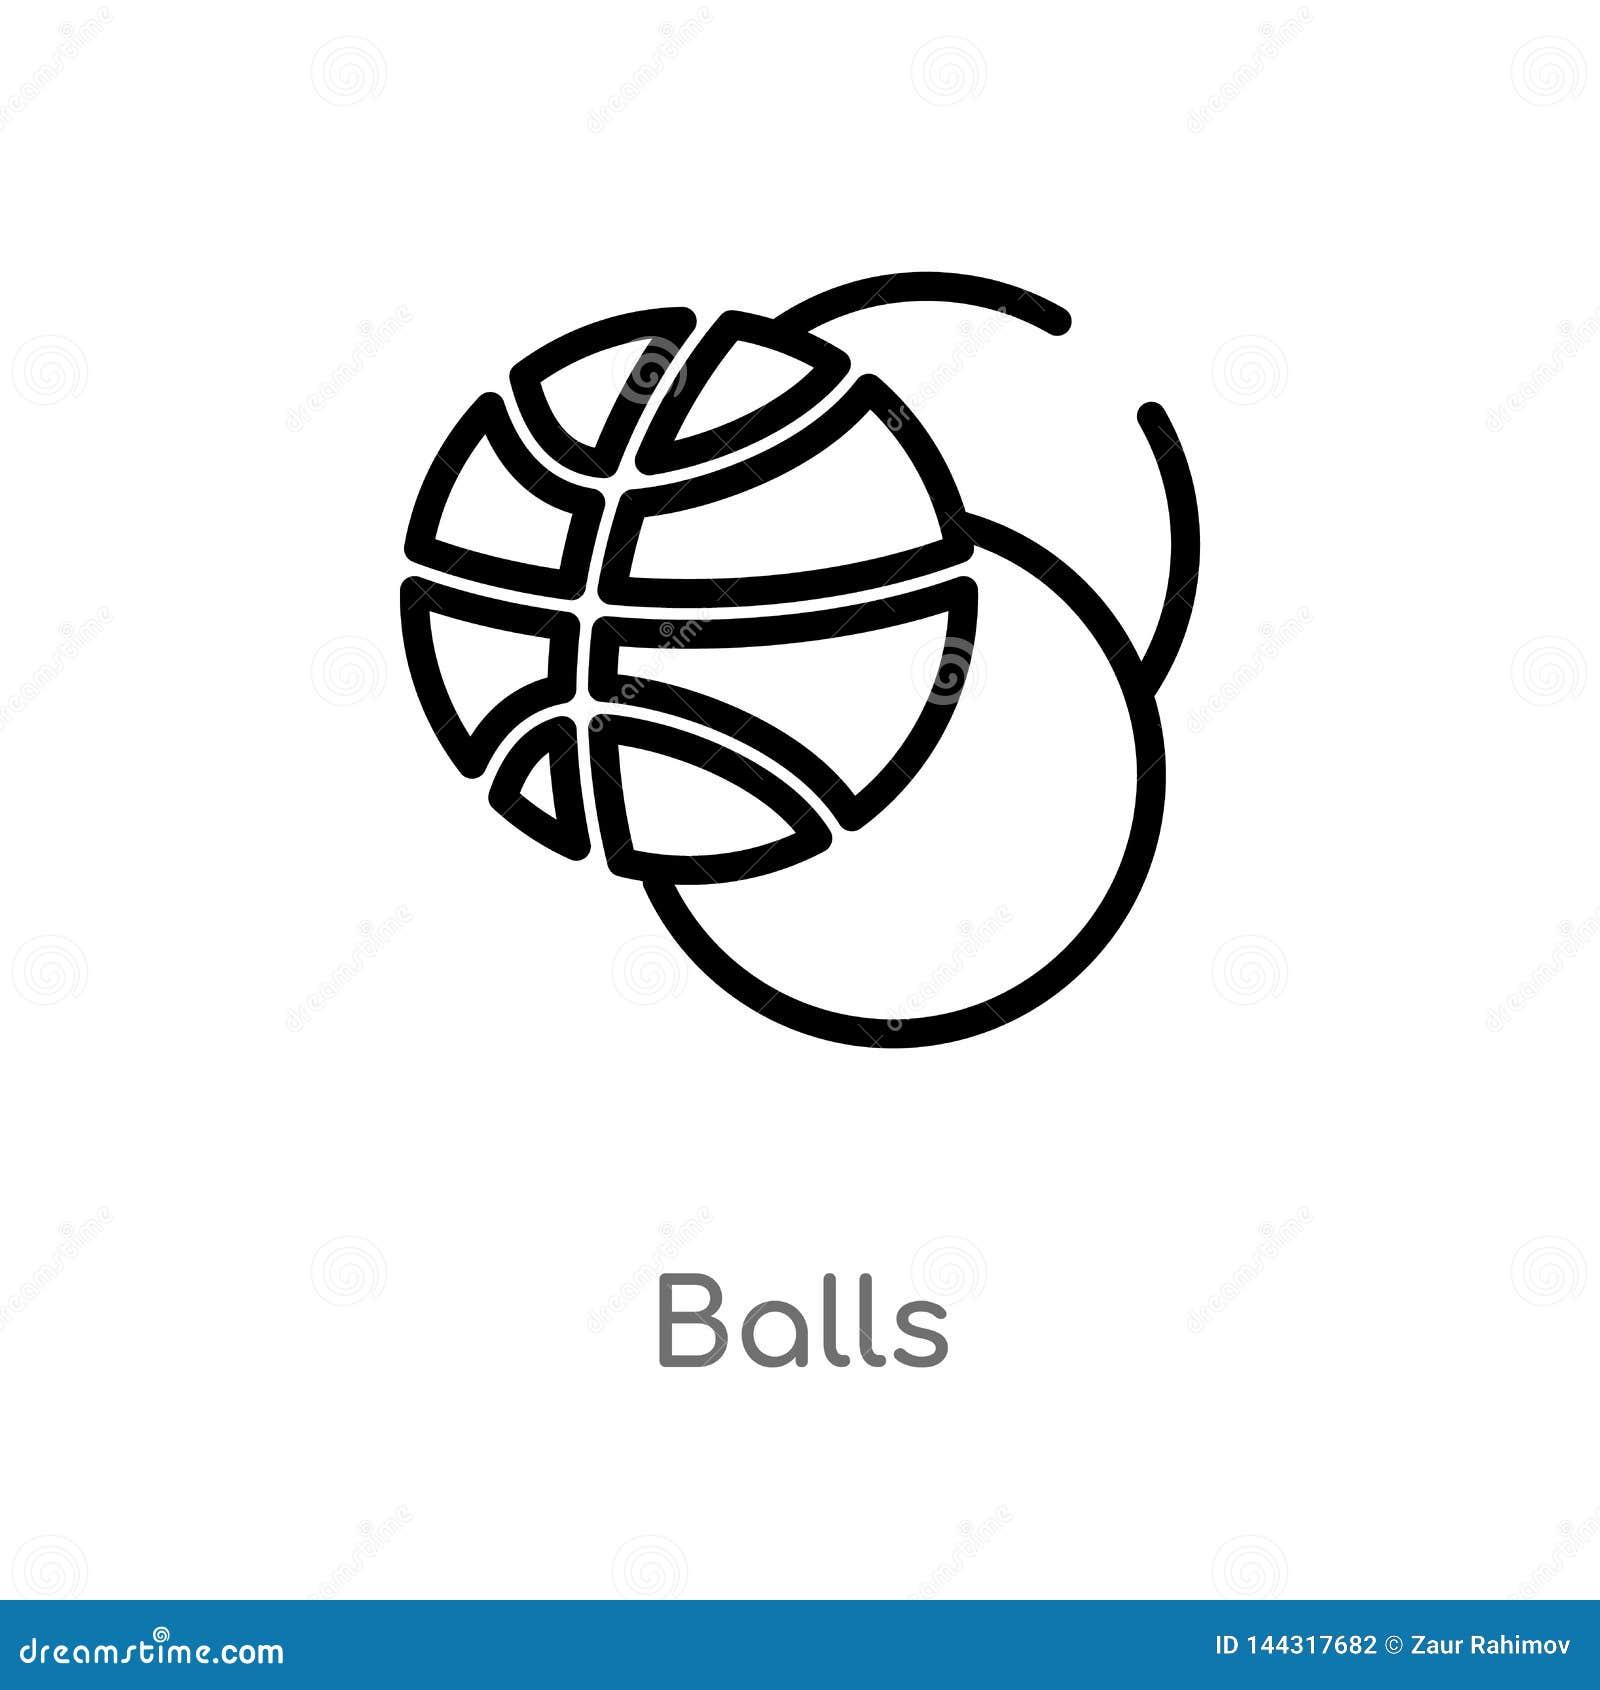 Entwurfsball-Vektorikone lokalisiertes schwarzes einfaches Linienelementillustration vom Sportkonzept editable Vektoranschlag-Bal